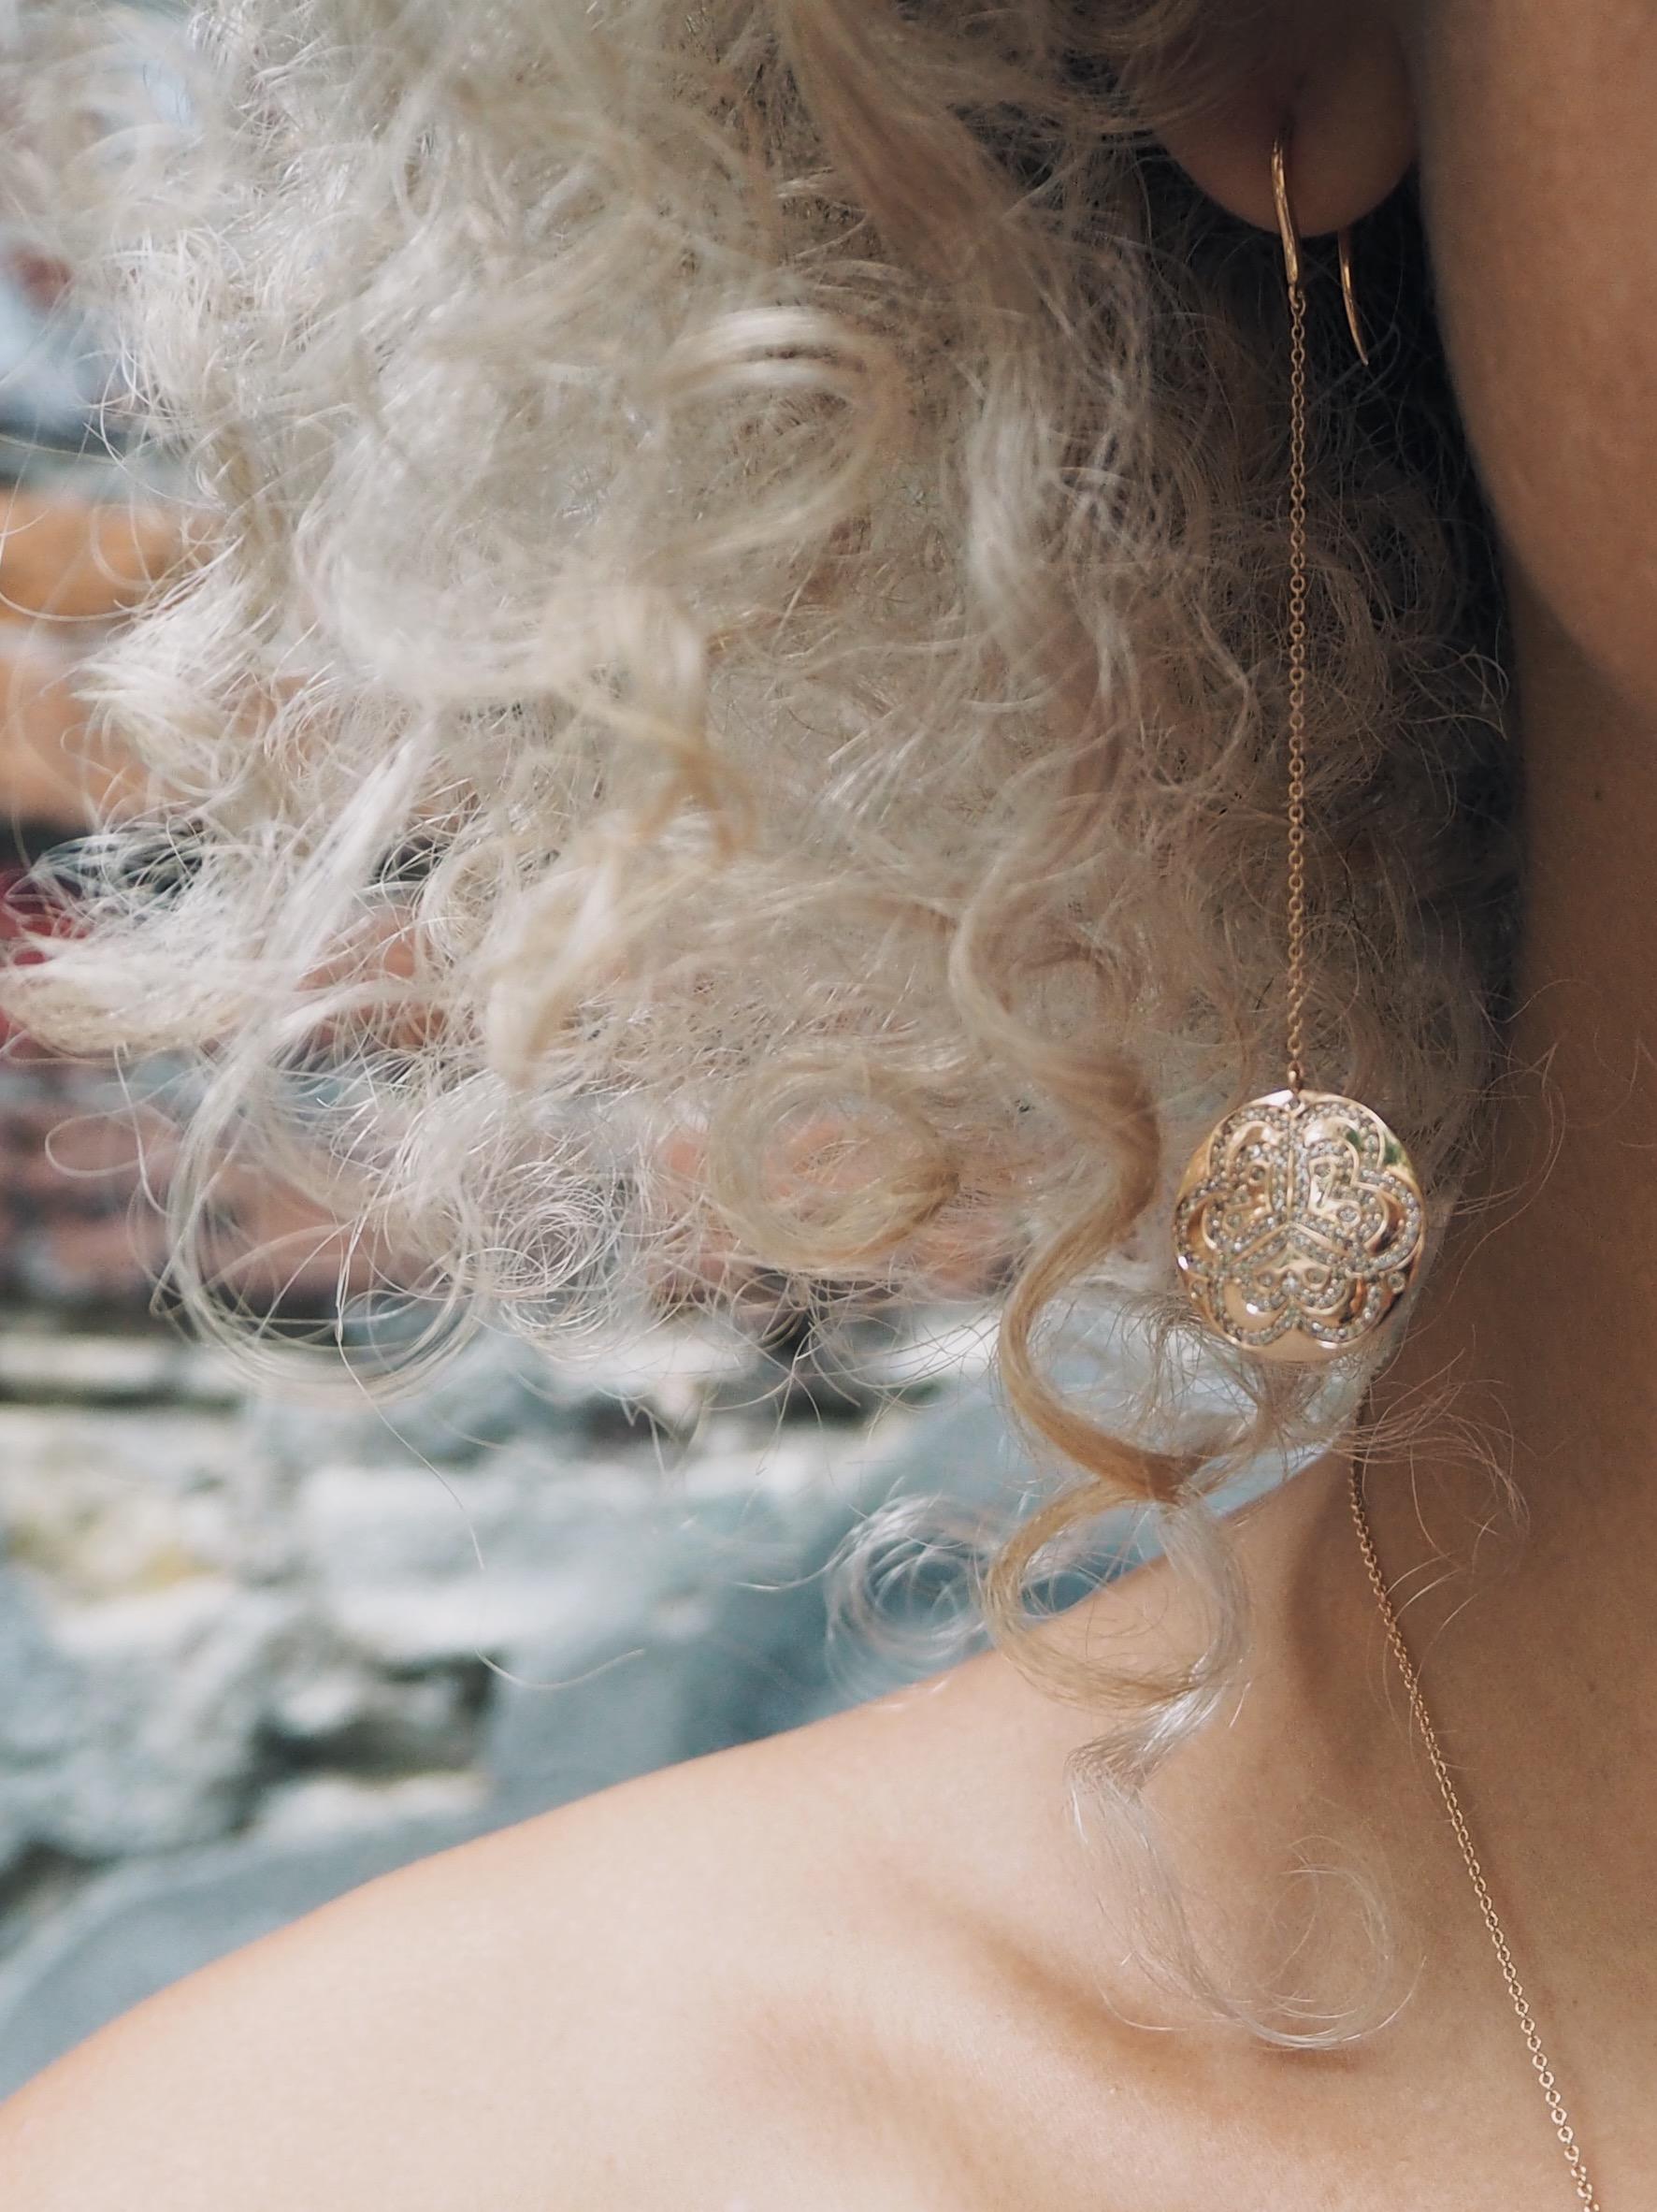 Bridal jewelry from Berlin earrings